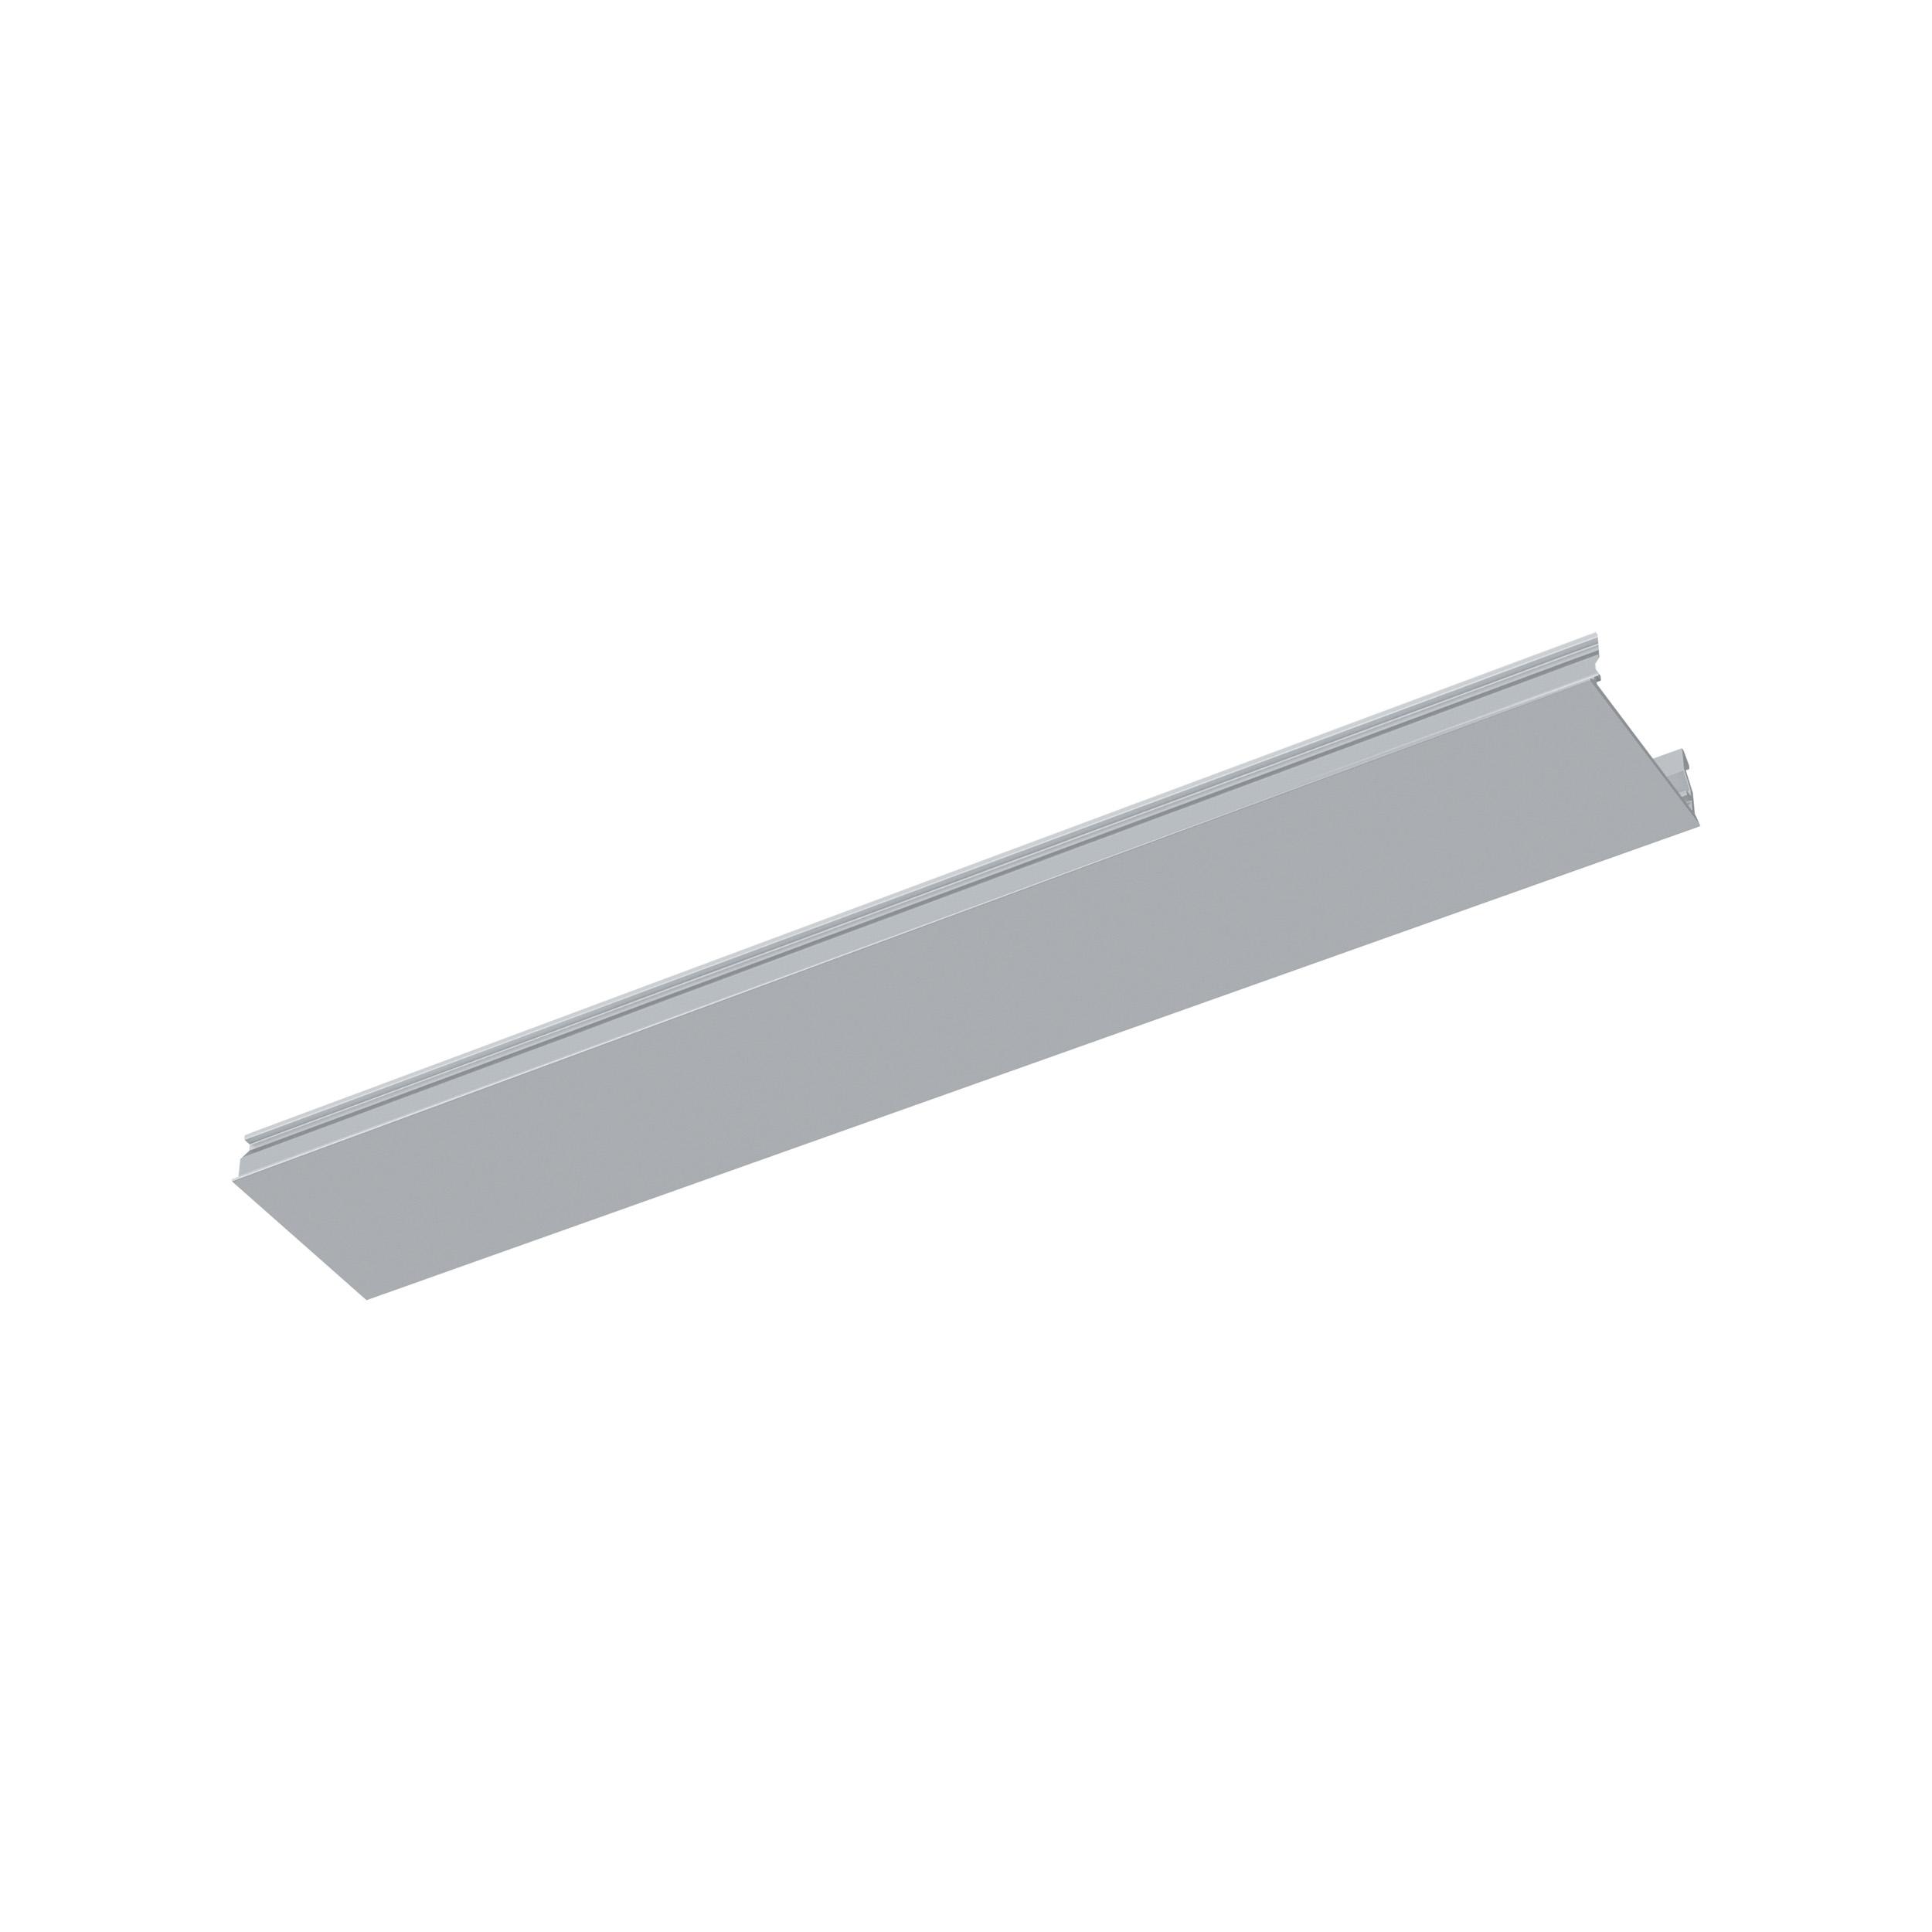 1 Stk Abdeckung Aluminium eloxiert, L-2280mm LI65345---